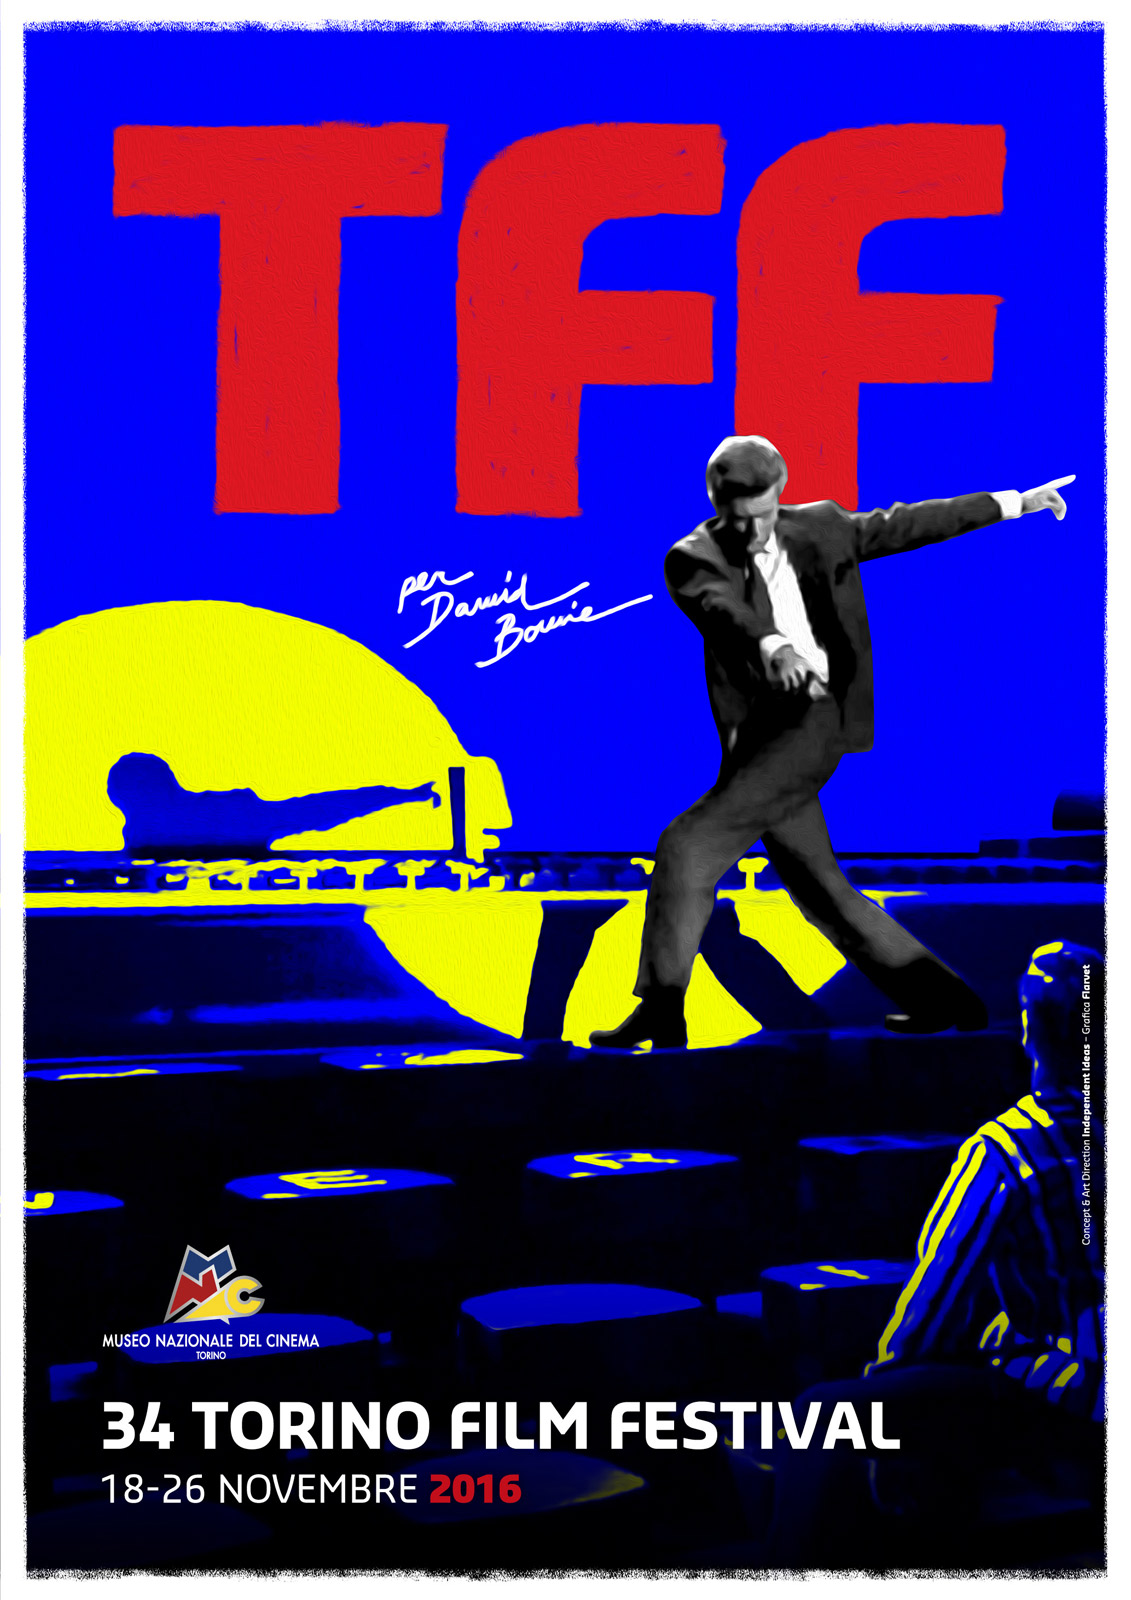 Torino Film Festival 2016 - il manifesto con David Bowie